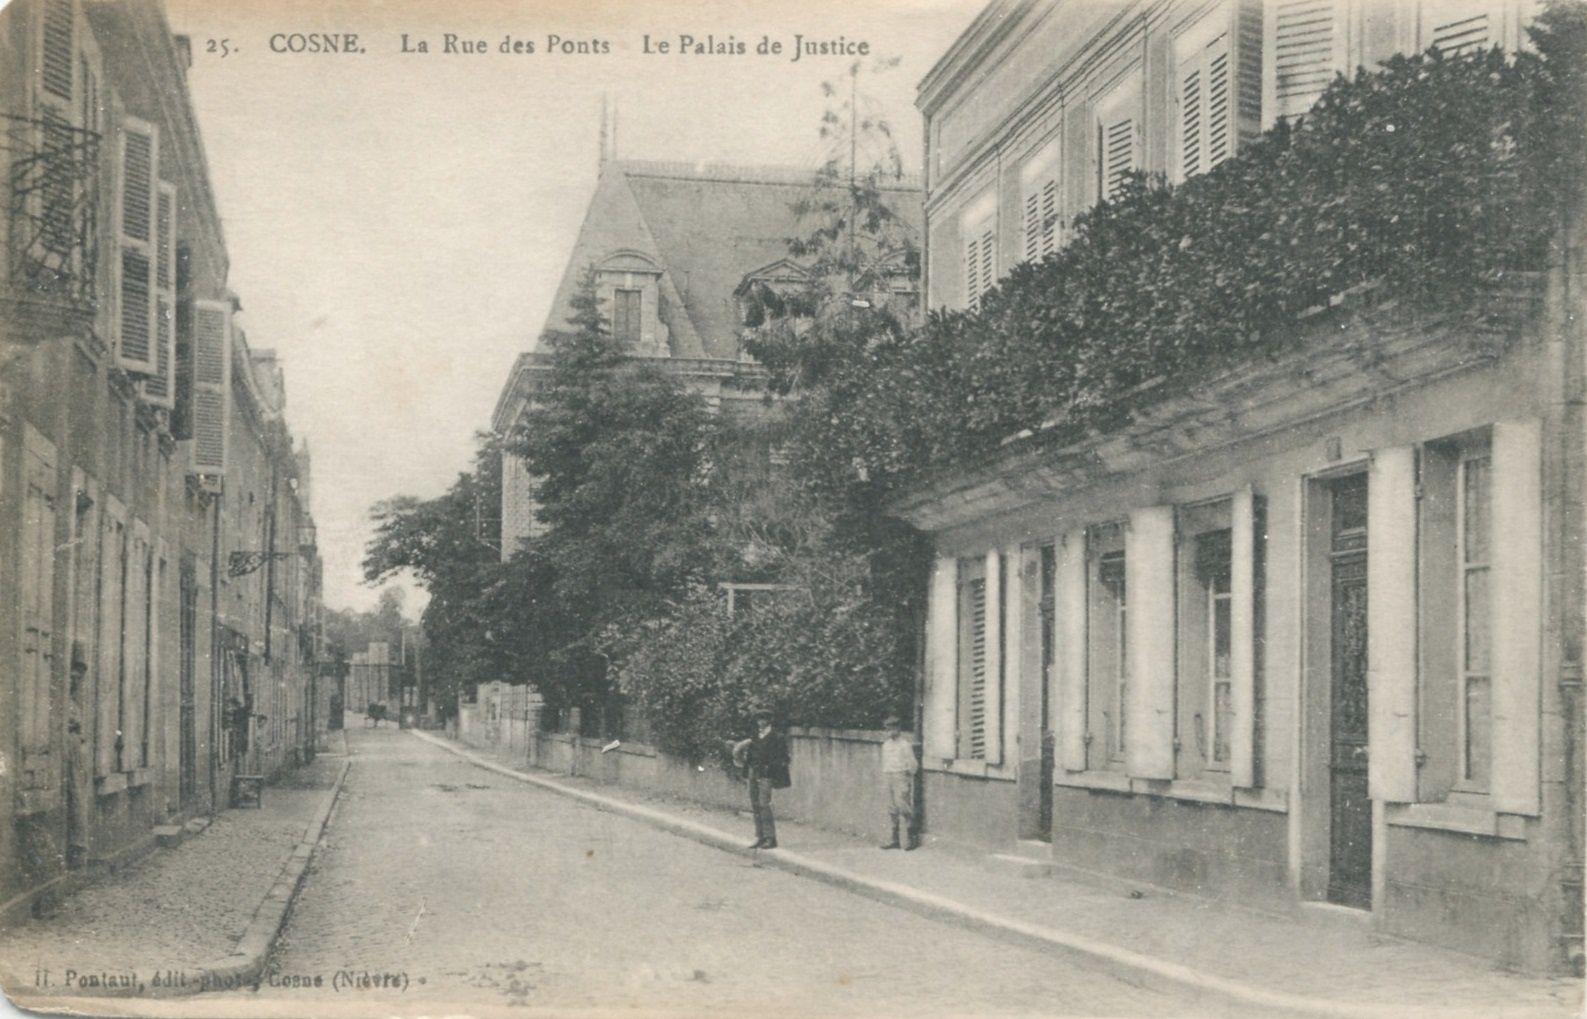 Cosne-sur-Loire - Rue des Ponts - Cosne-sur-Loire